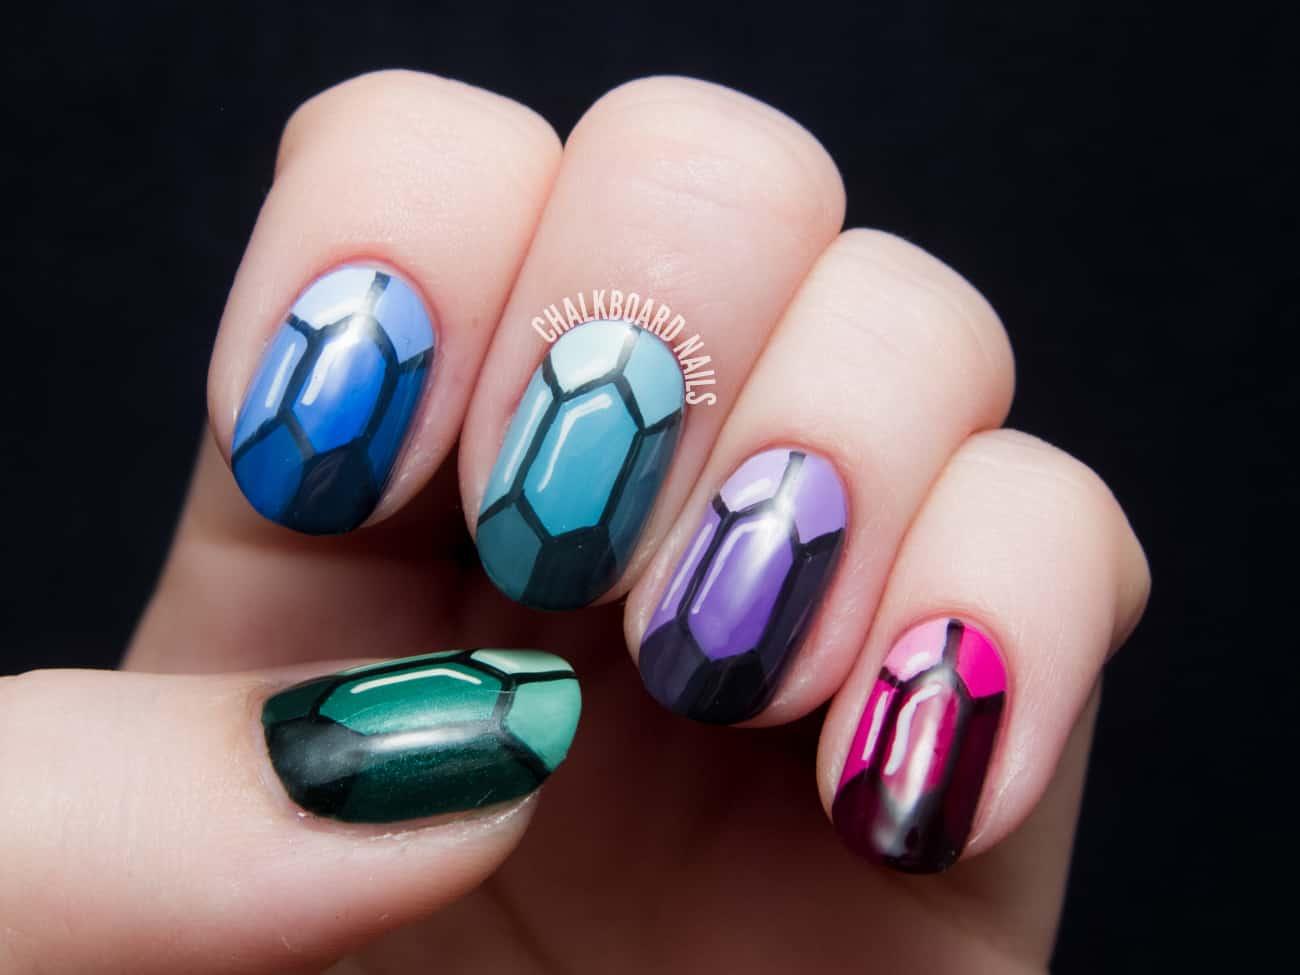 Precious gem nail art